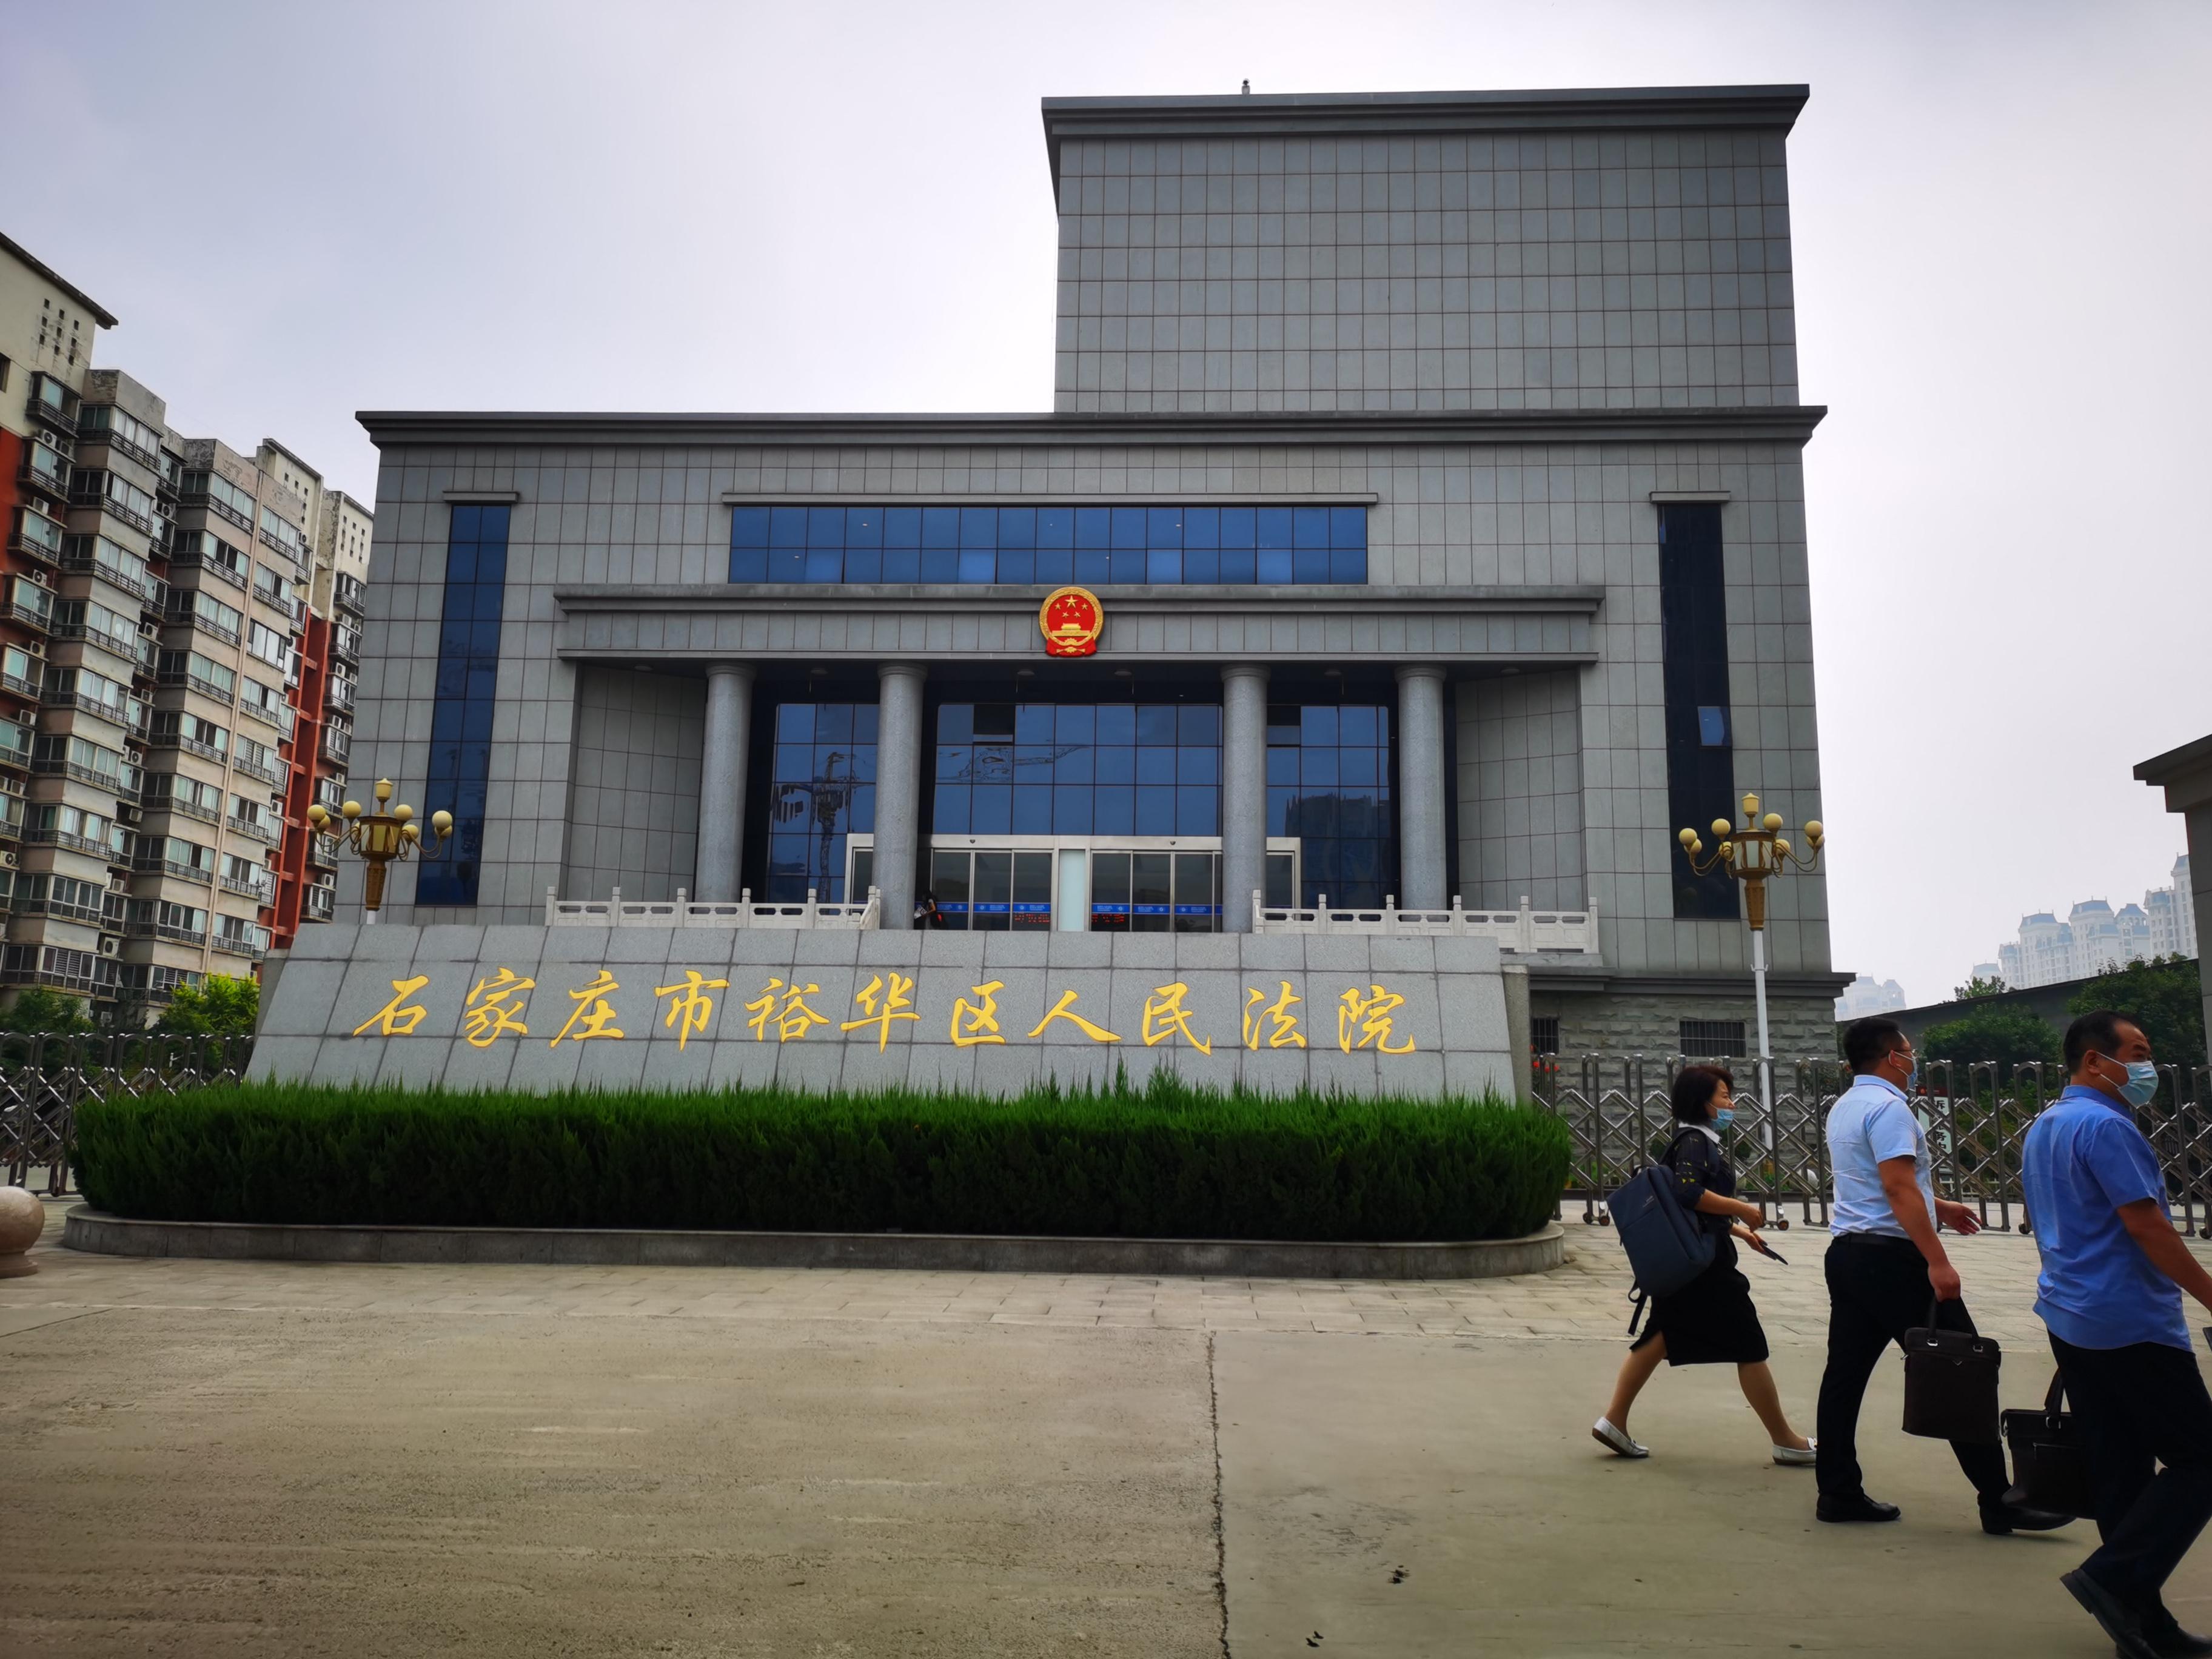 赵智勇工作过的石家庄市裕华区法院。澎湃新闻记者 朱远祥 图